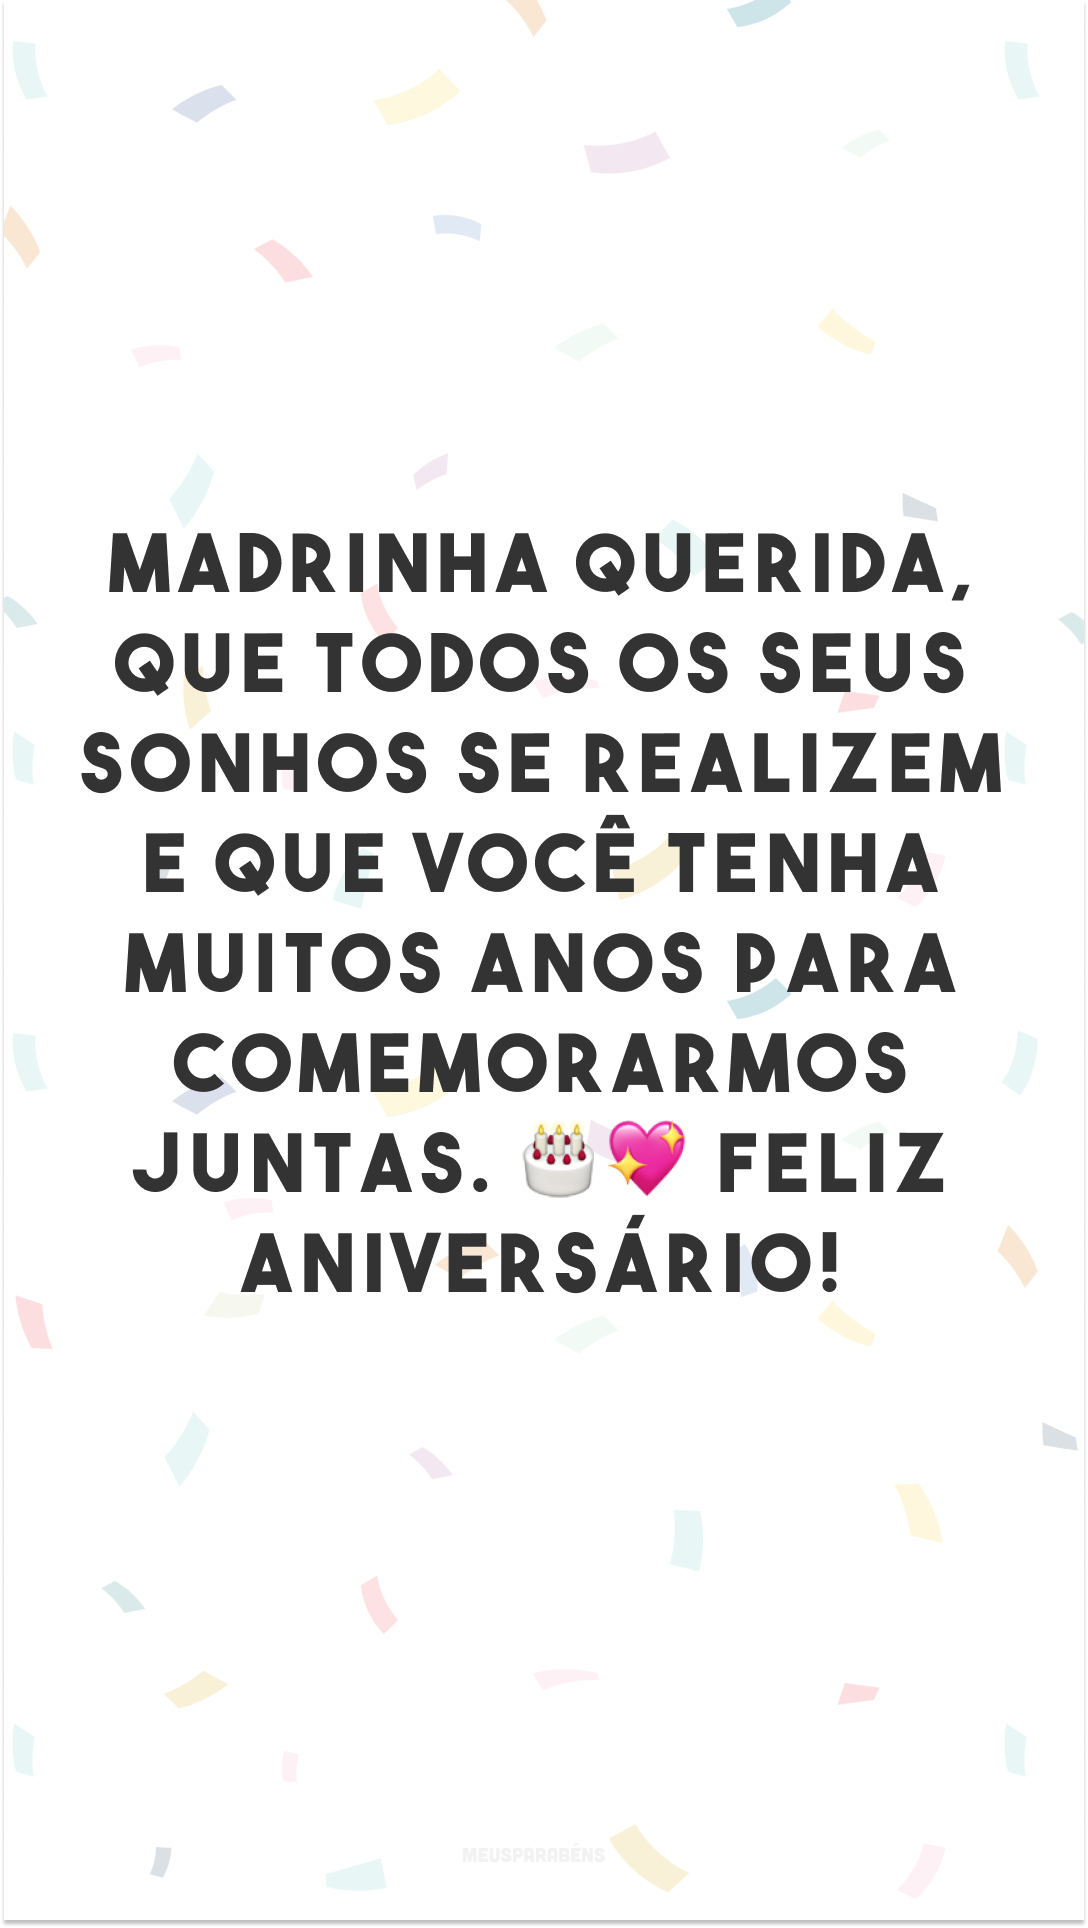 Madrinha querida, que todos os seus sonhos se realizem e que você tenha muitos anos para comemorarmos juntas. 🎂💖 Feliz aniversário!